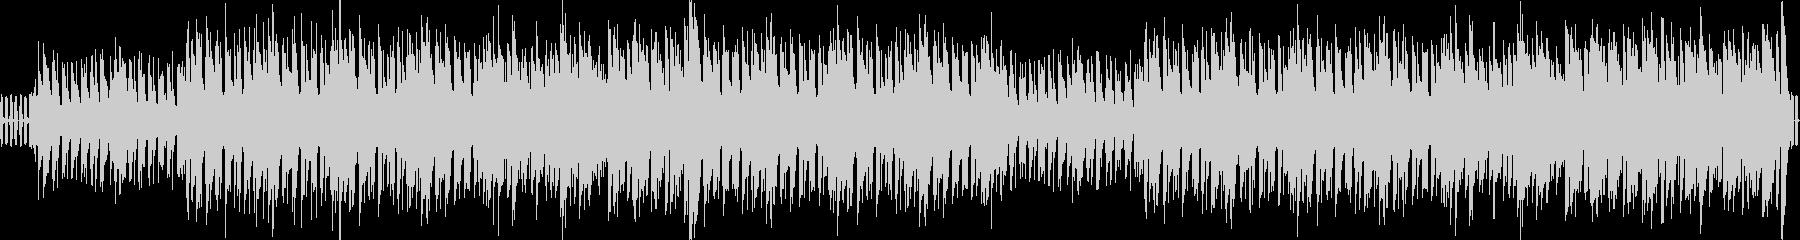 リズミカルで陽気なBGMの未再生の波形